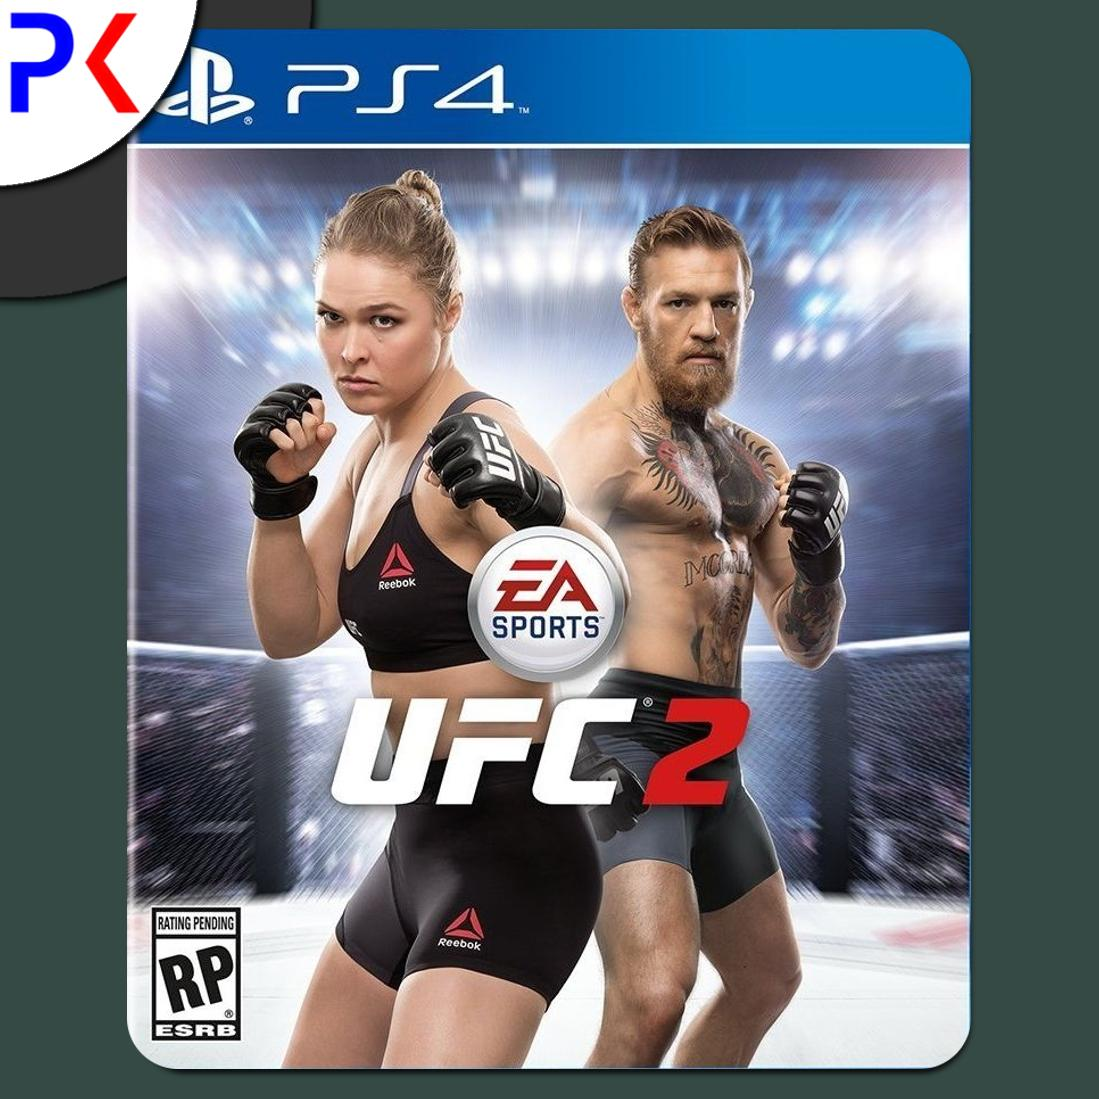 Deals For Ps4 Ea Sports Ufc 2 R3